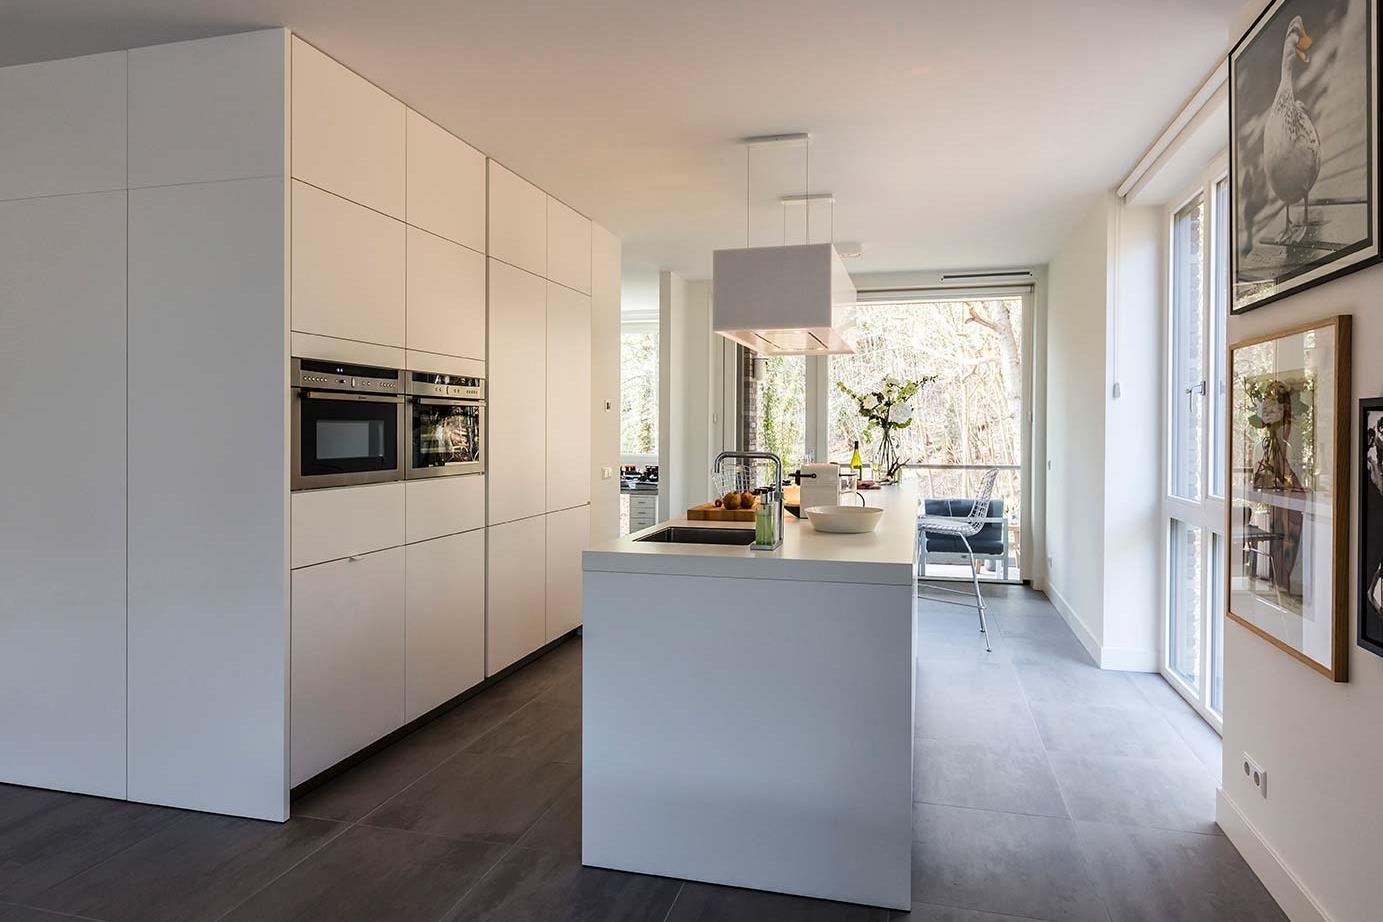 Siematic Keuken Onderdelen : Design keukens siematic en eigen merken keur